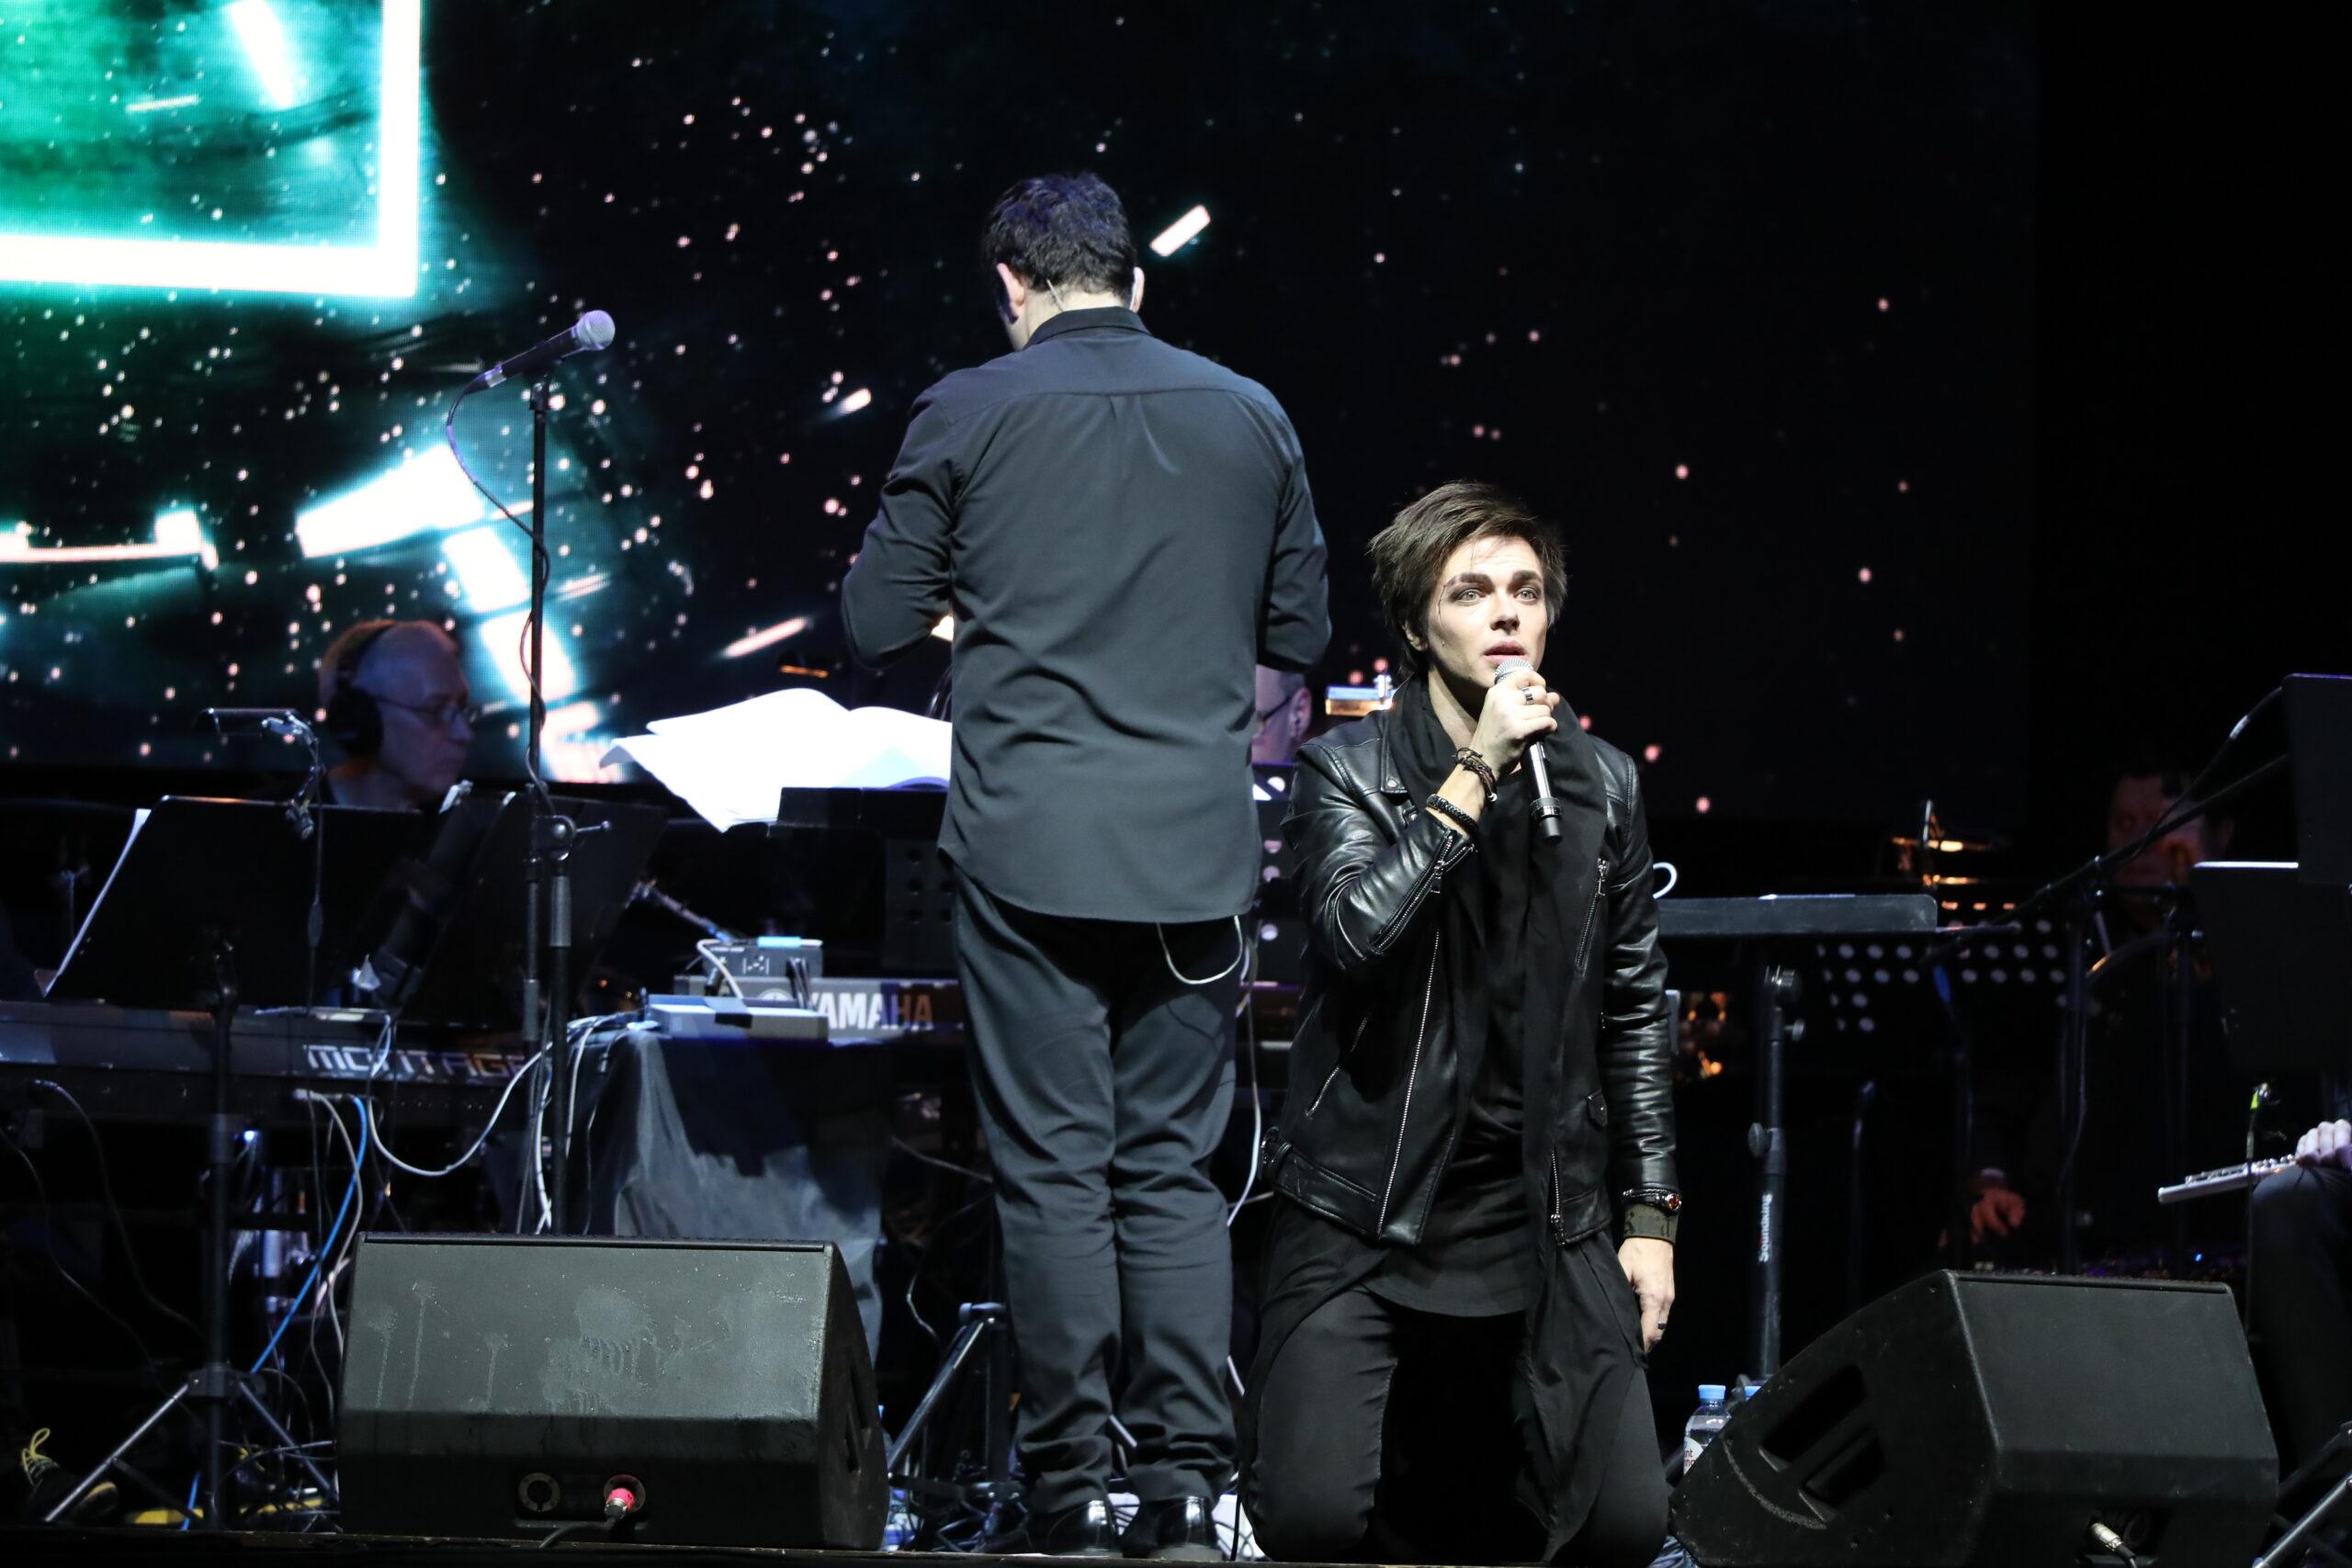 Единственный концерт Александра Казьмина - PNG base64 iVBORw0KGgoAAAANSUhEUgAAAYYAAADcAQMAAABOLJSDAAAAA1BMVEUAAACnej3aAAAAAXRSTlMAQObYZgAAACJJREFUaIHtwTEBAAAAwqD1T20ND6AAAAAAAAAAAAAA4N8AKvgAAUFIrrEAAAAASUVORK5CYII - Музыка в сердце - уникальный концерт Александра Казьмина